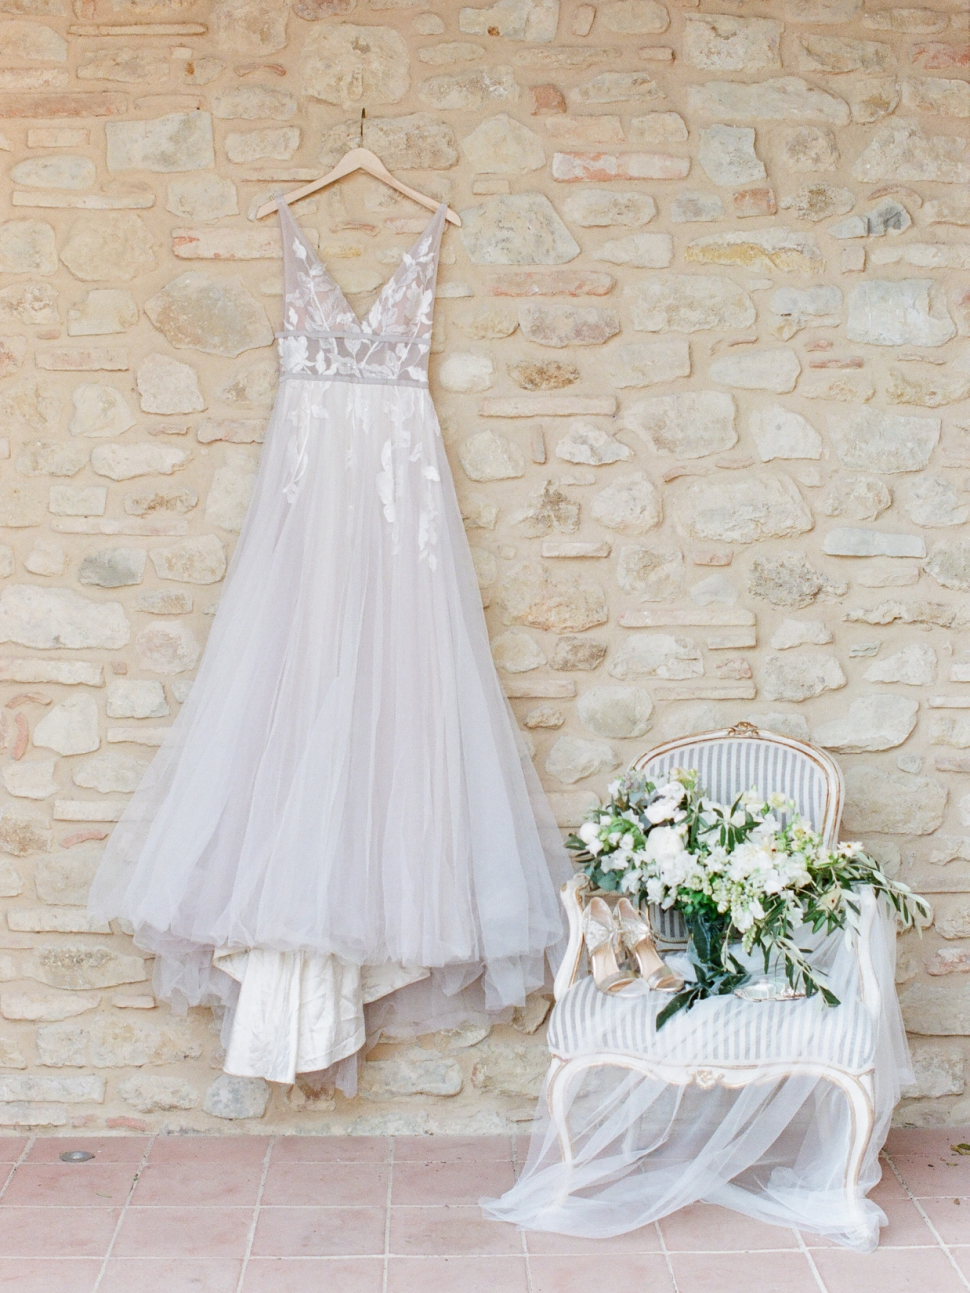 Tuscany-Destination-Wedding-Photographer-Cassi-Claire-Borgo-Petrognano-Florence-Wedding-03.jpg